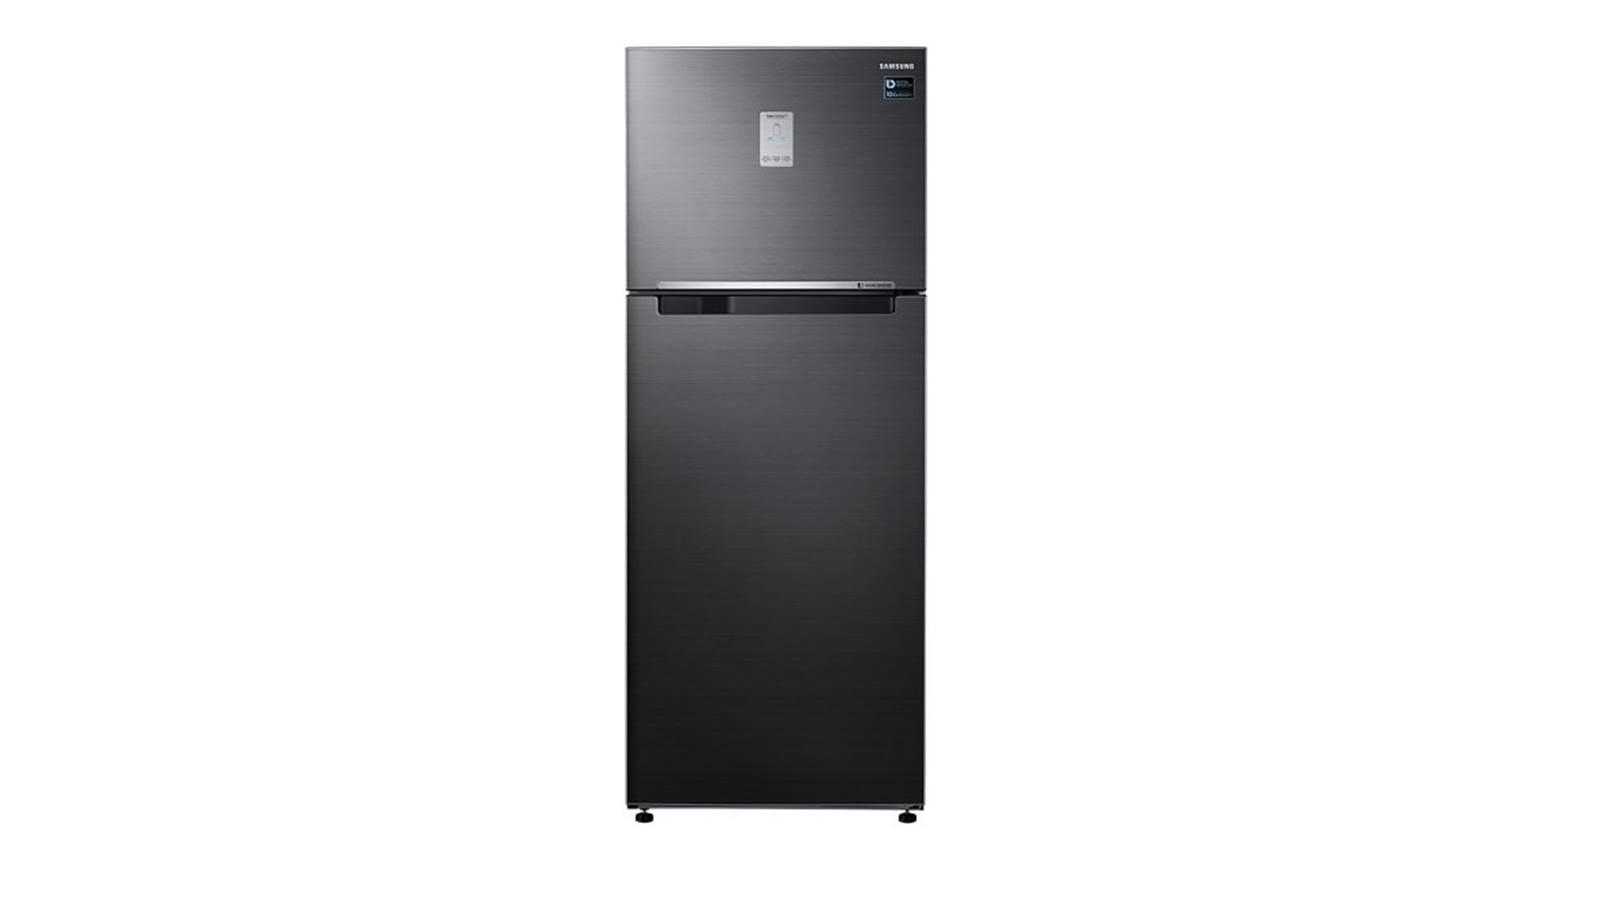 Samsung RT-46K6271BS 550L 2 Door Top Freezer Refrigerator - Black